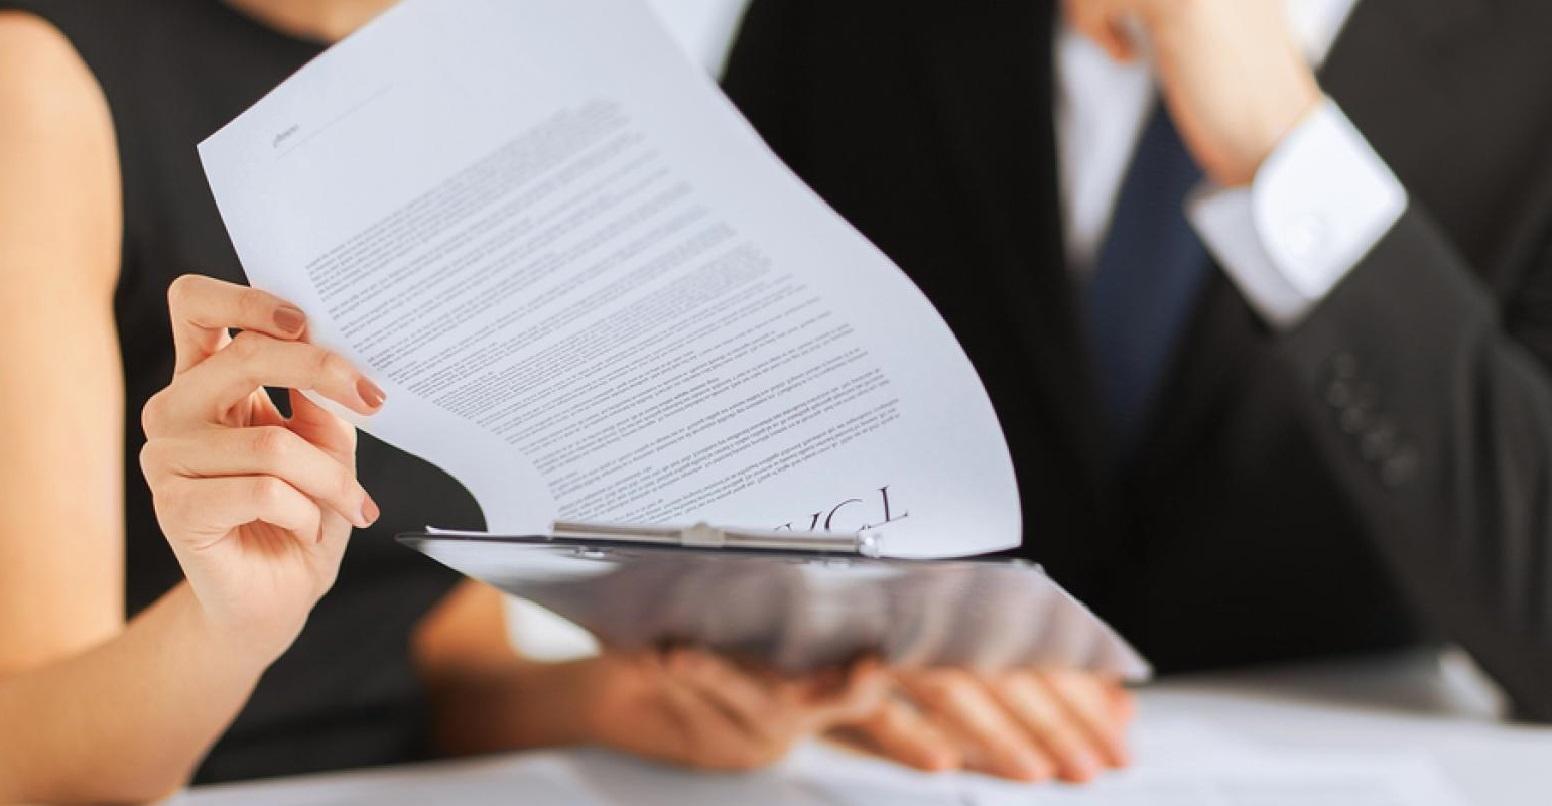 Как правильно сшить документы нитками для налоговой фото 229